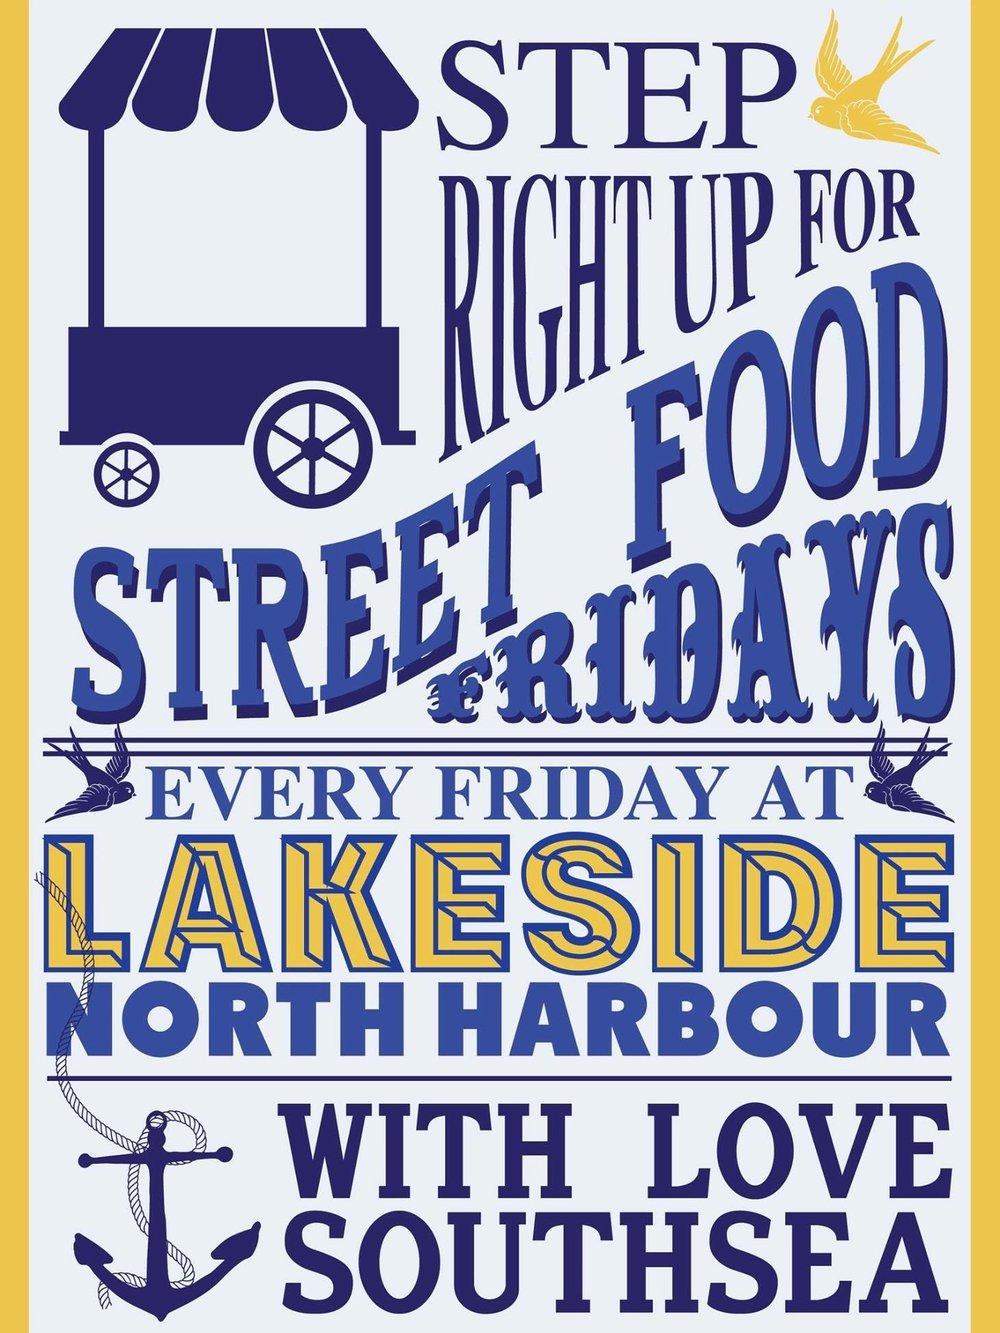 love southsea food market lakeside